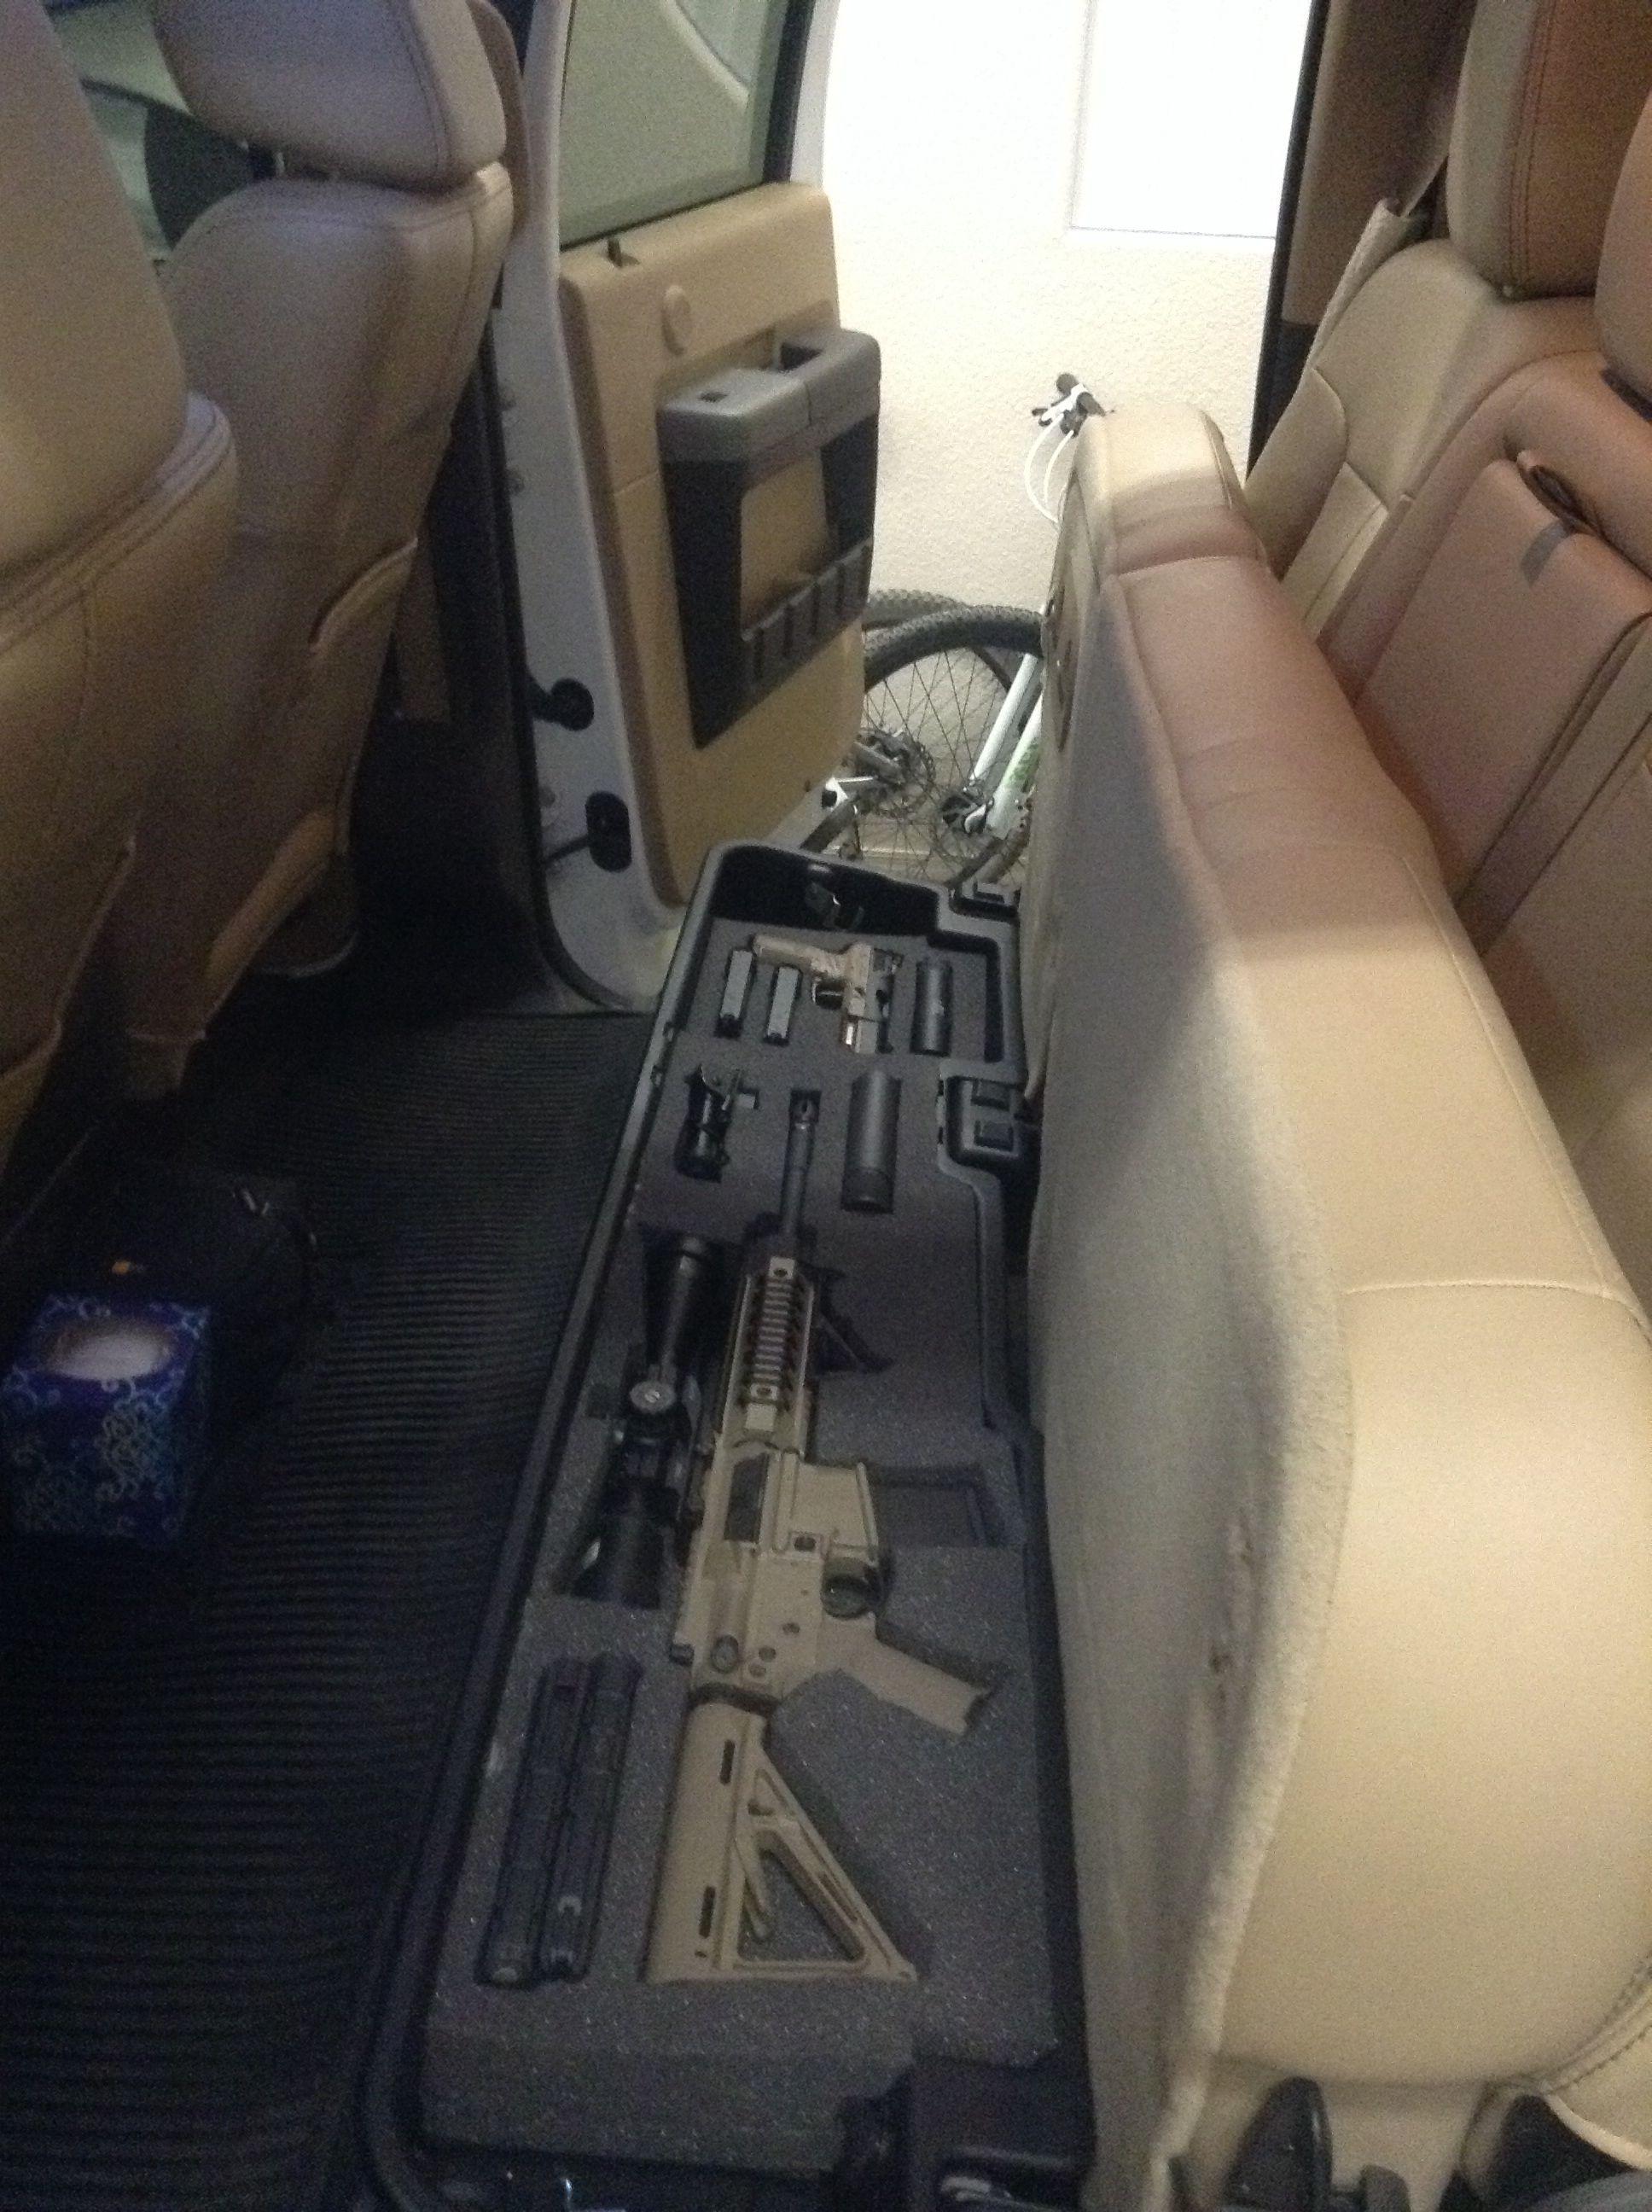 Pin on Under seat gun storage!